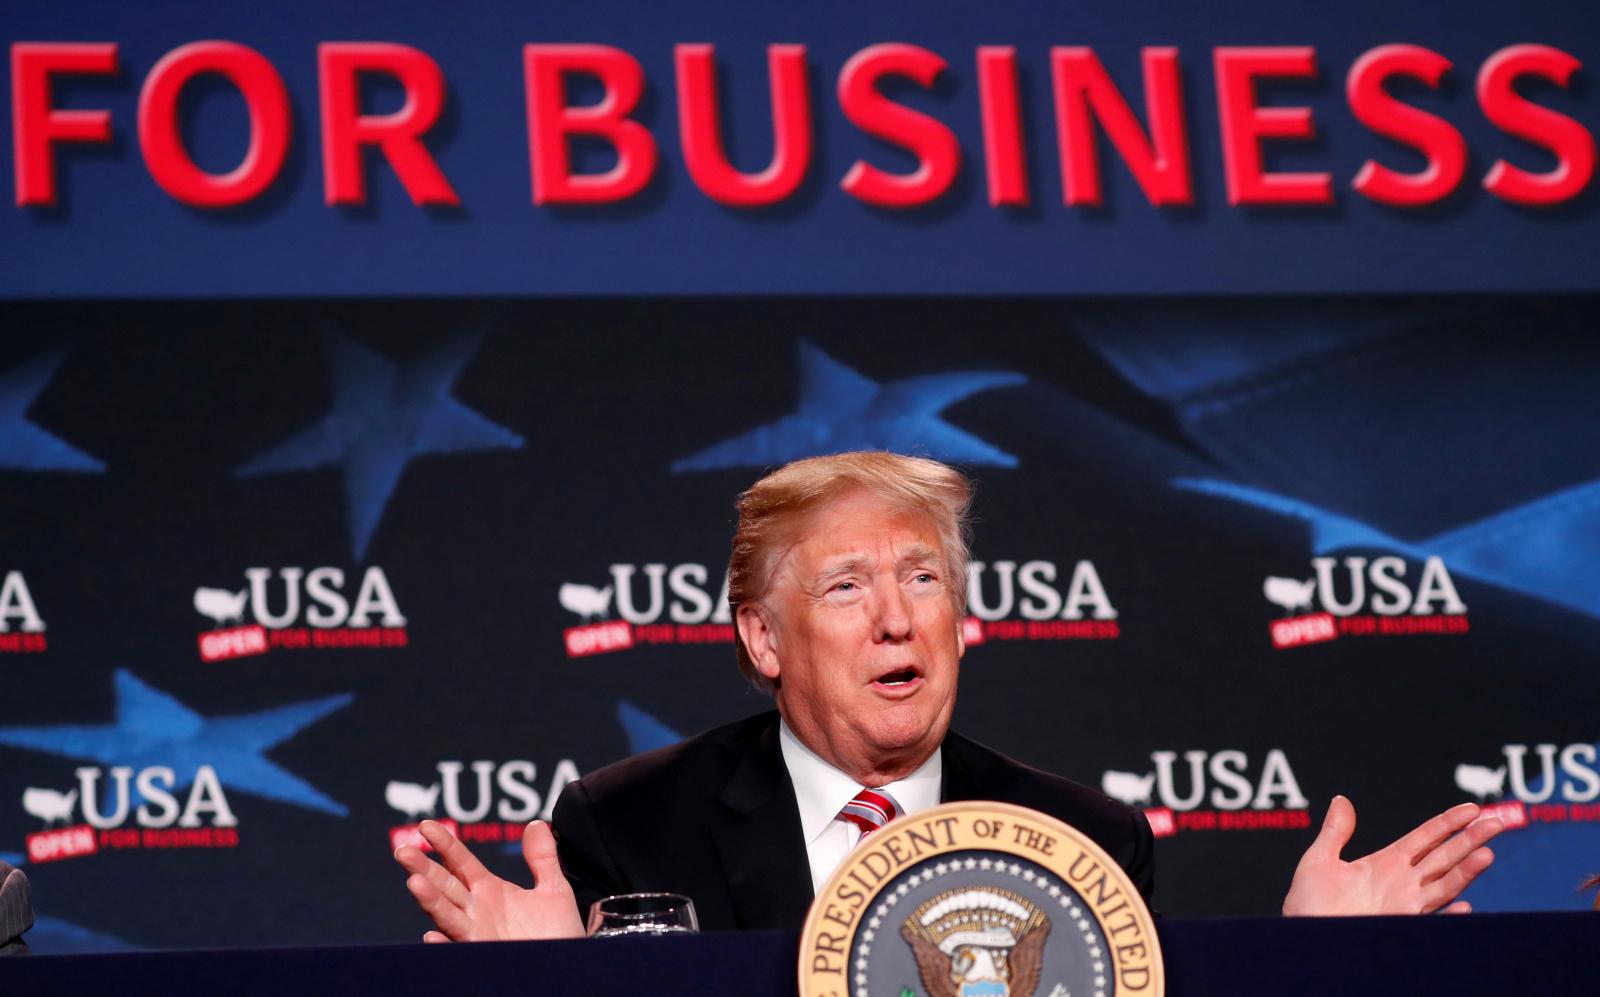 Donald Trump Economy